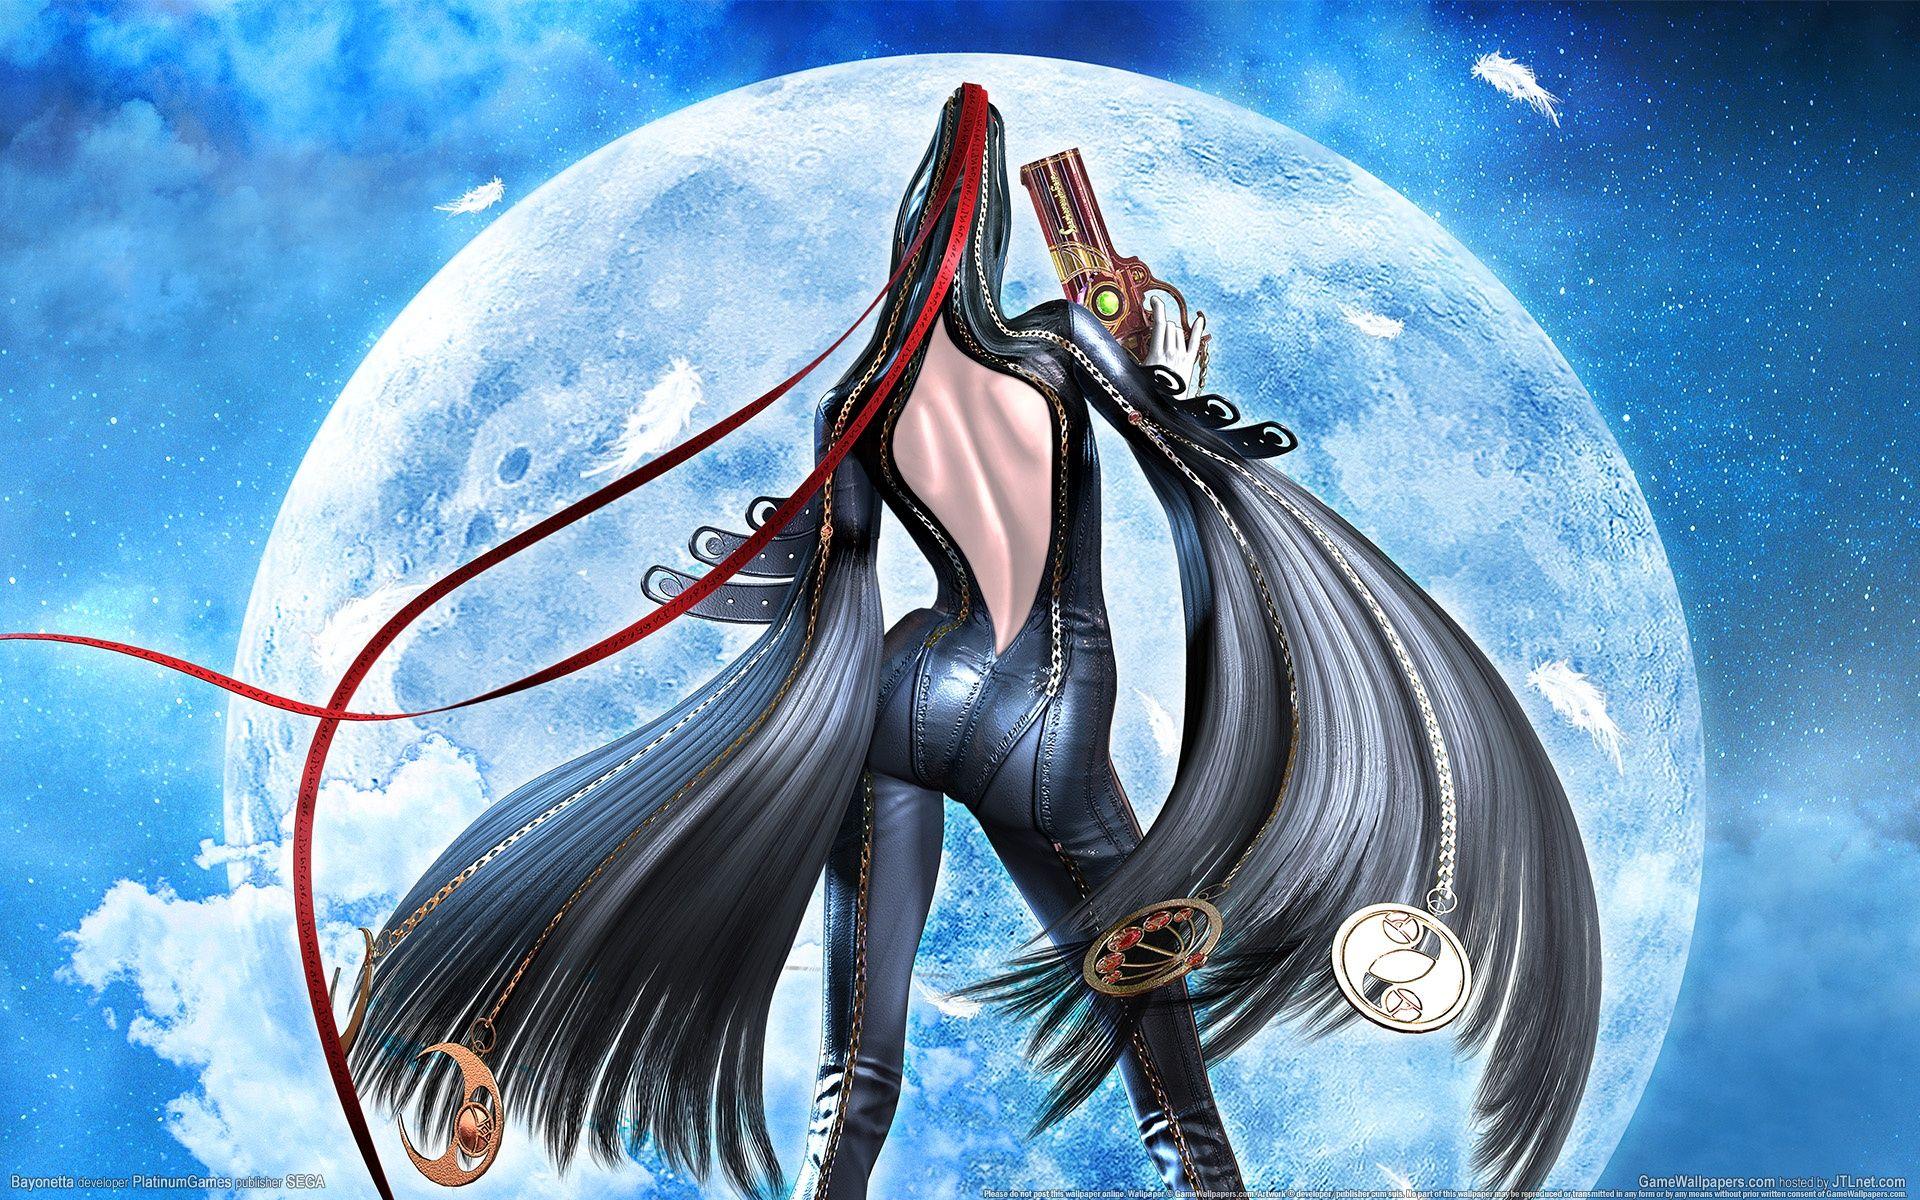 猎天使魔女2游戏壁纸1_52PK单机游戏轮回血之攻略图片